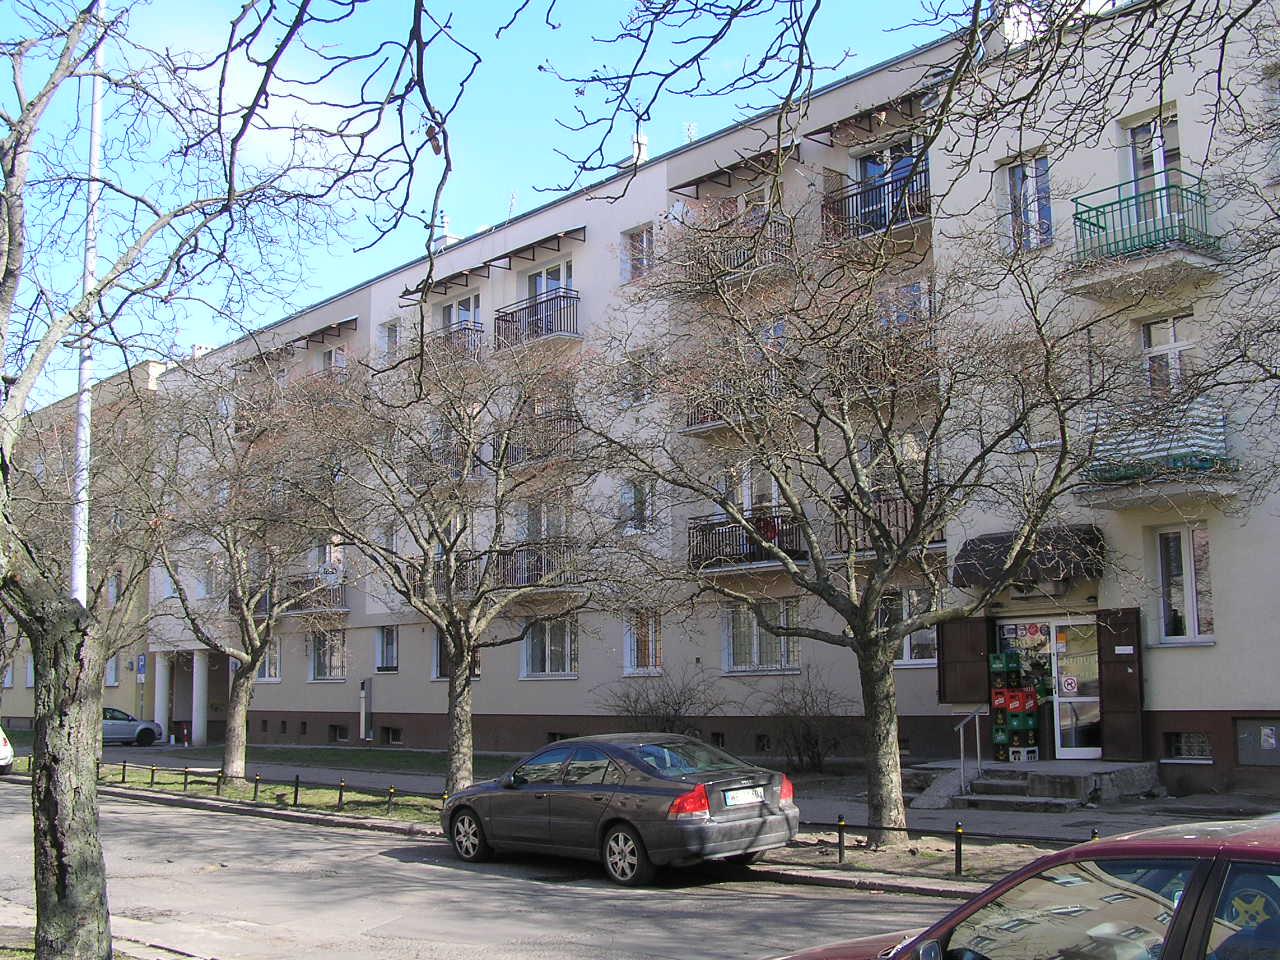 Budynek przy ulicy Siennickiej 32 na Grochowie